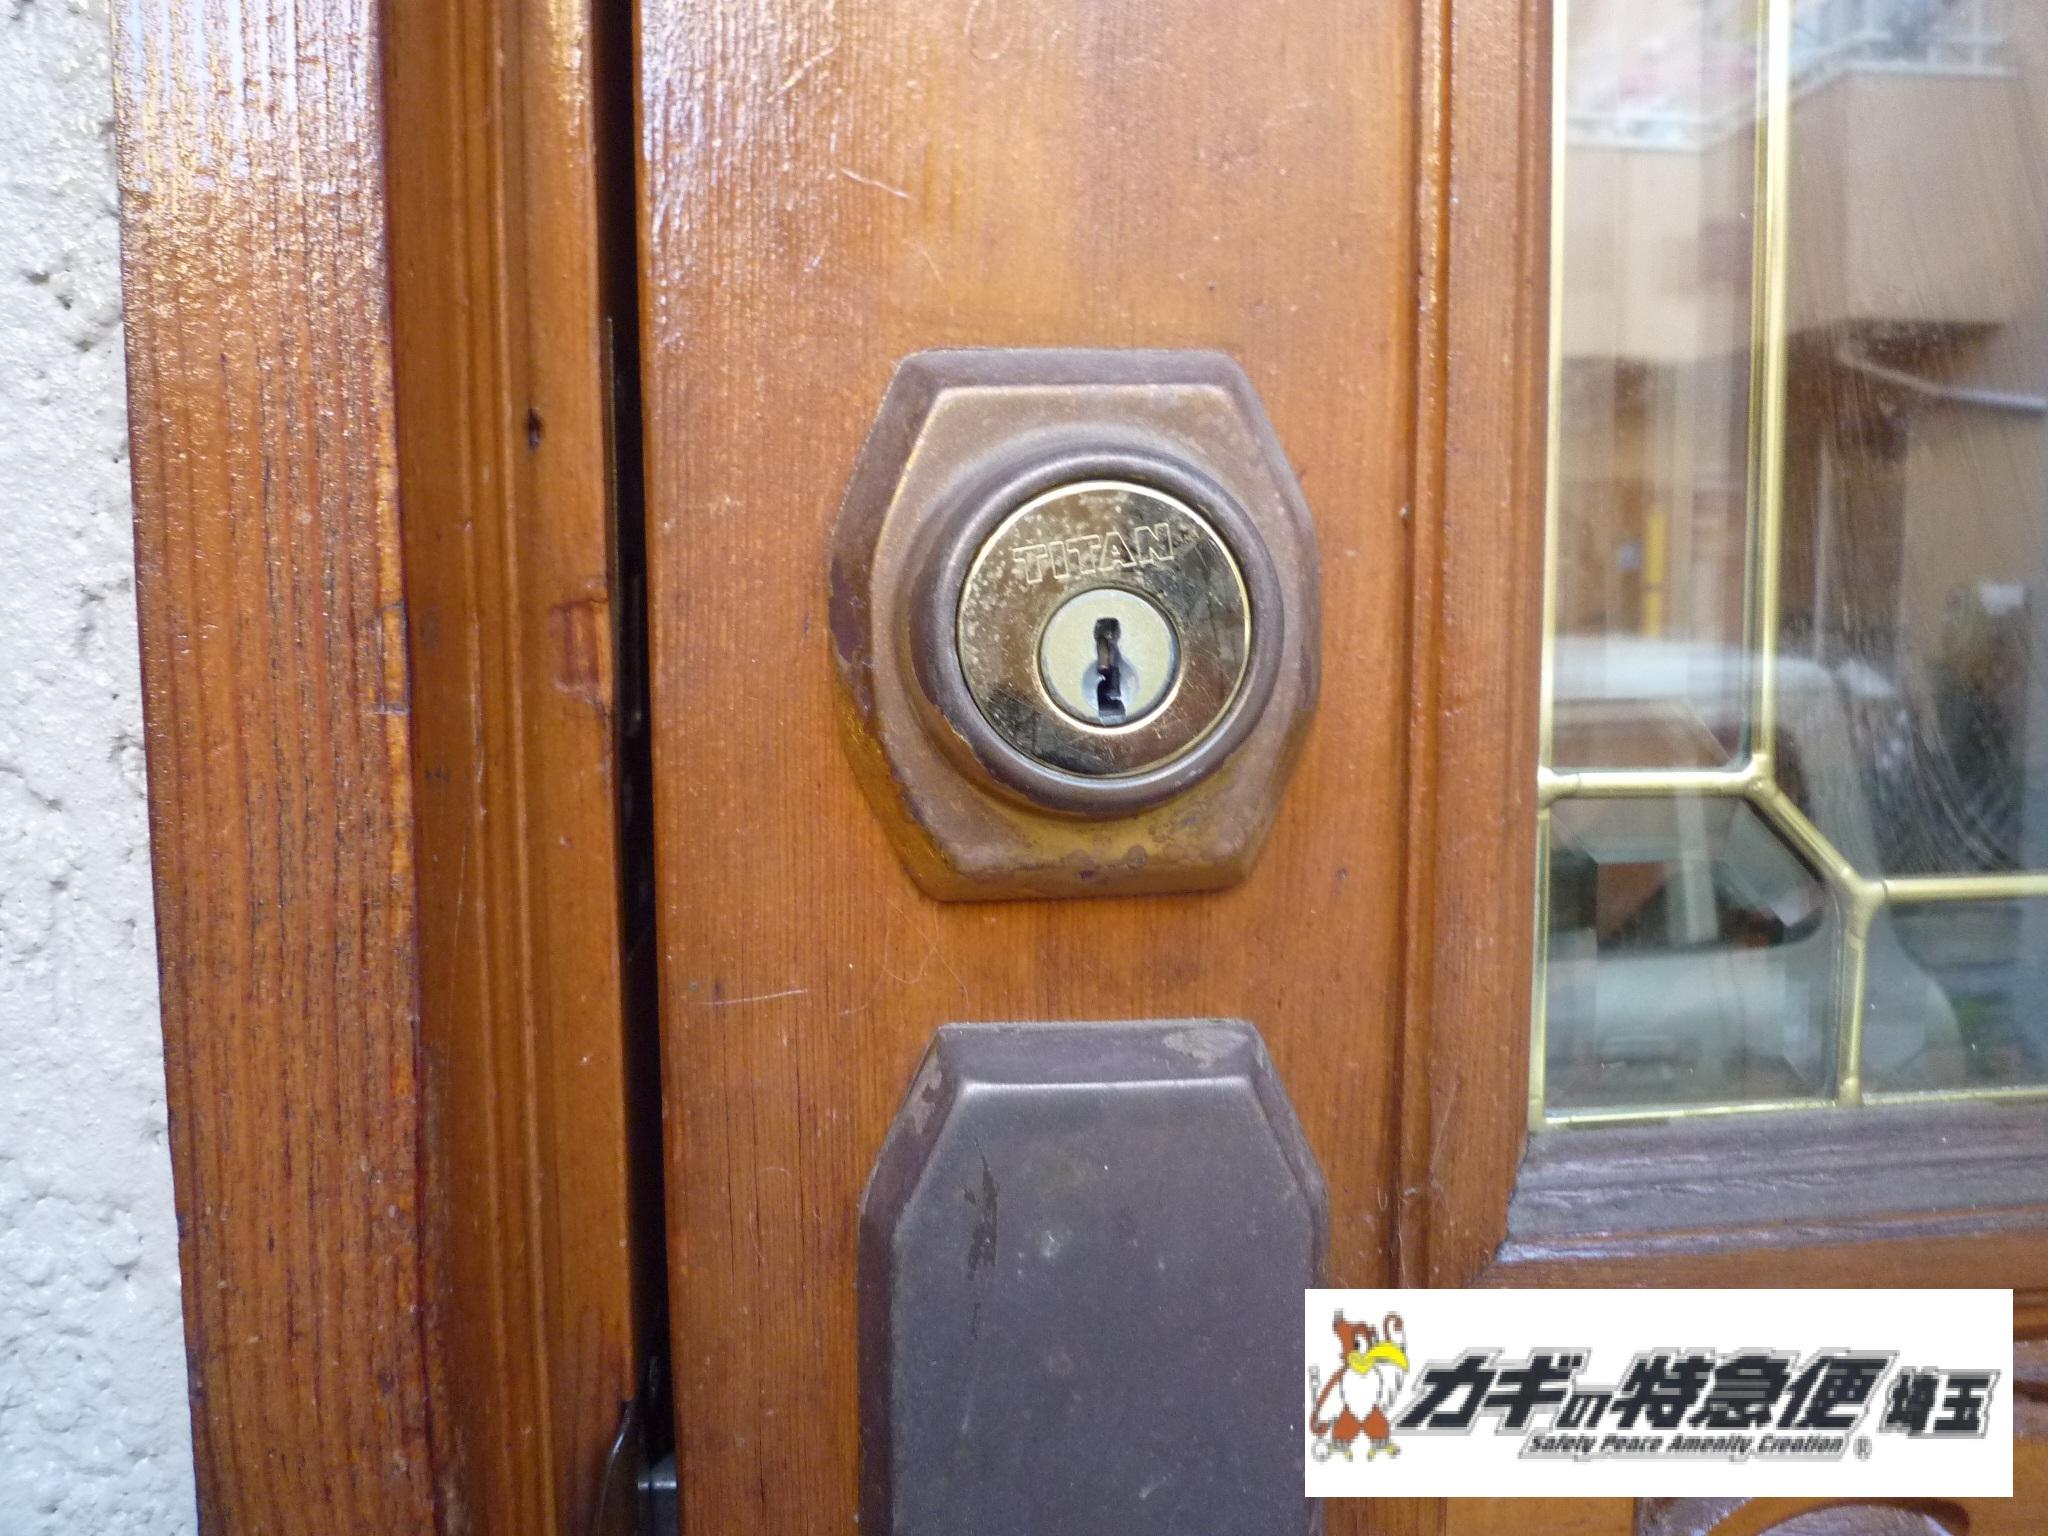 鍵交換(TITAN(アメリカ製輸入ドア)の鍵交換 埼玉県さいたま市)